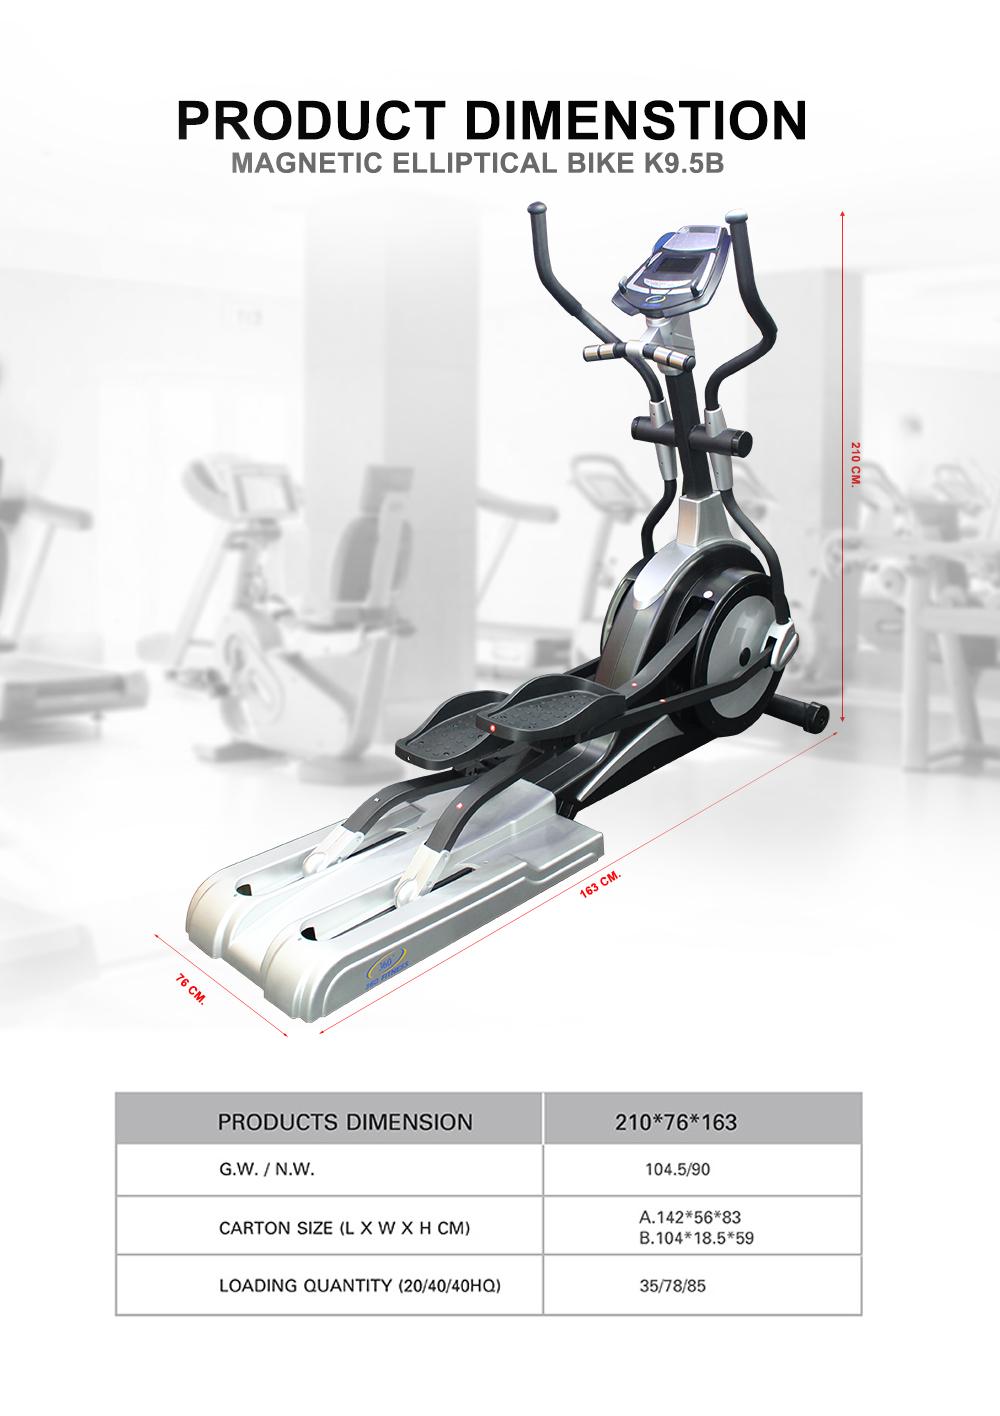 Magnetic Elliptical bike K9.5B